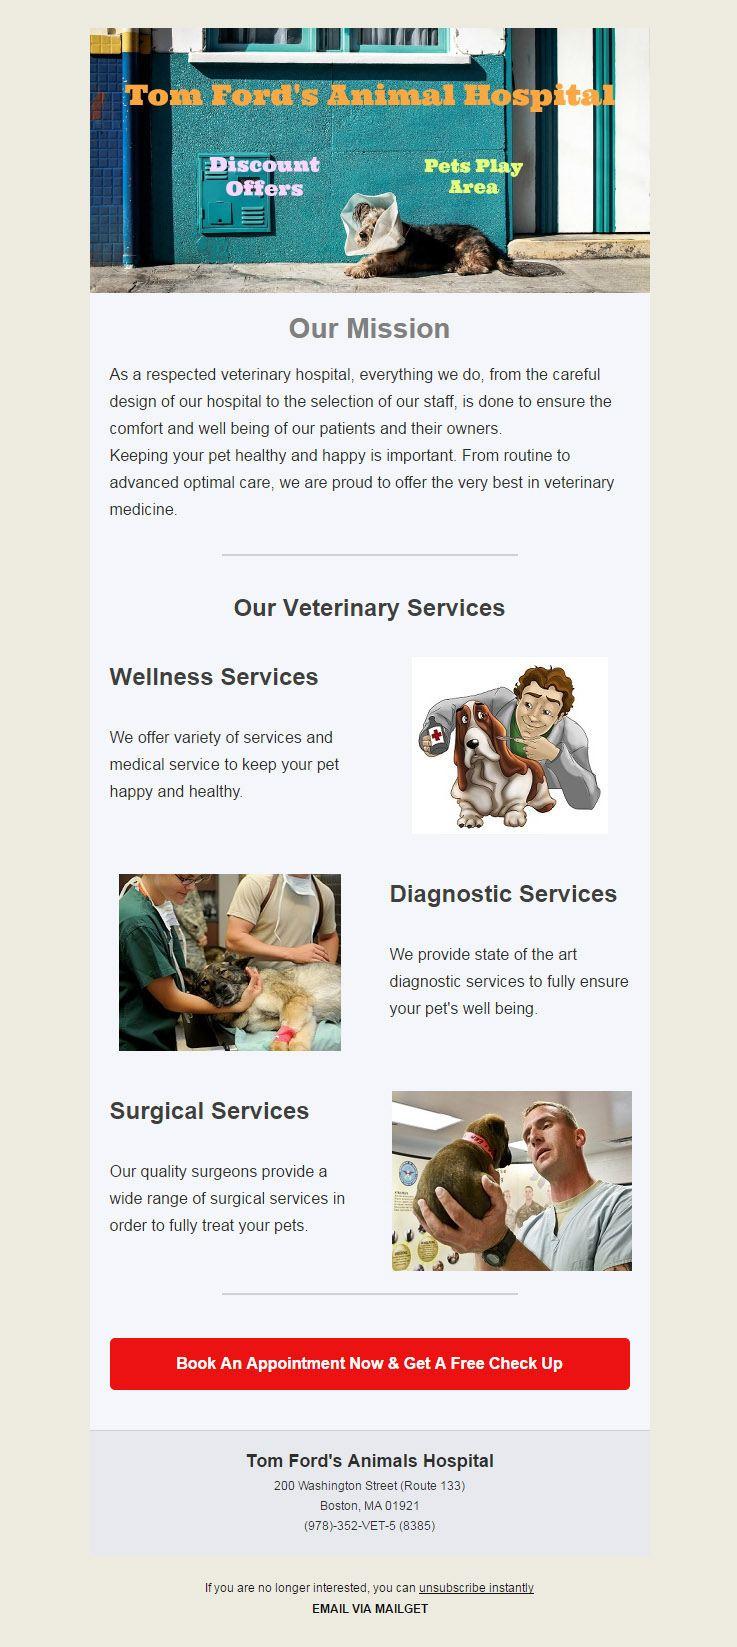 Email Marketing Service For Veterinarians, Veterinary Hospital & Veterinary Medicine